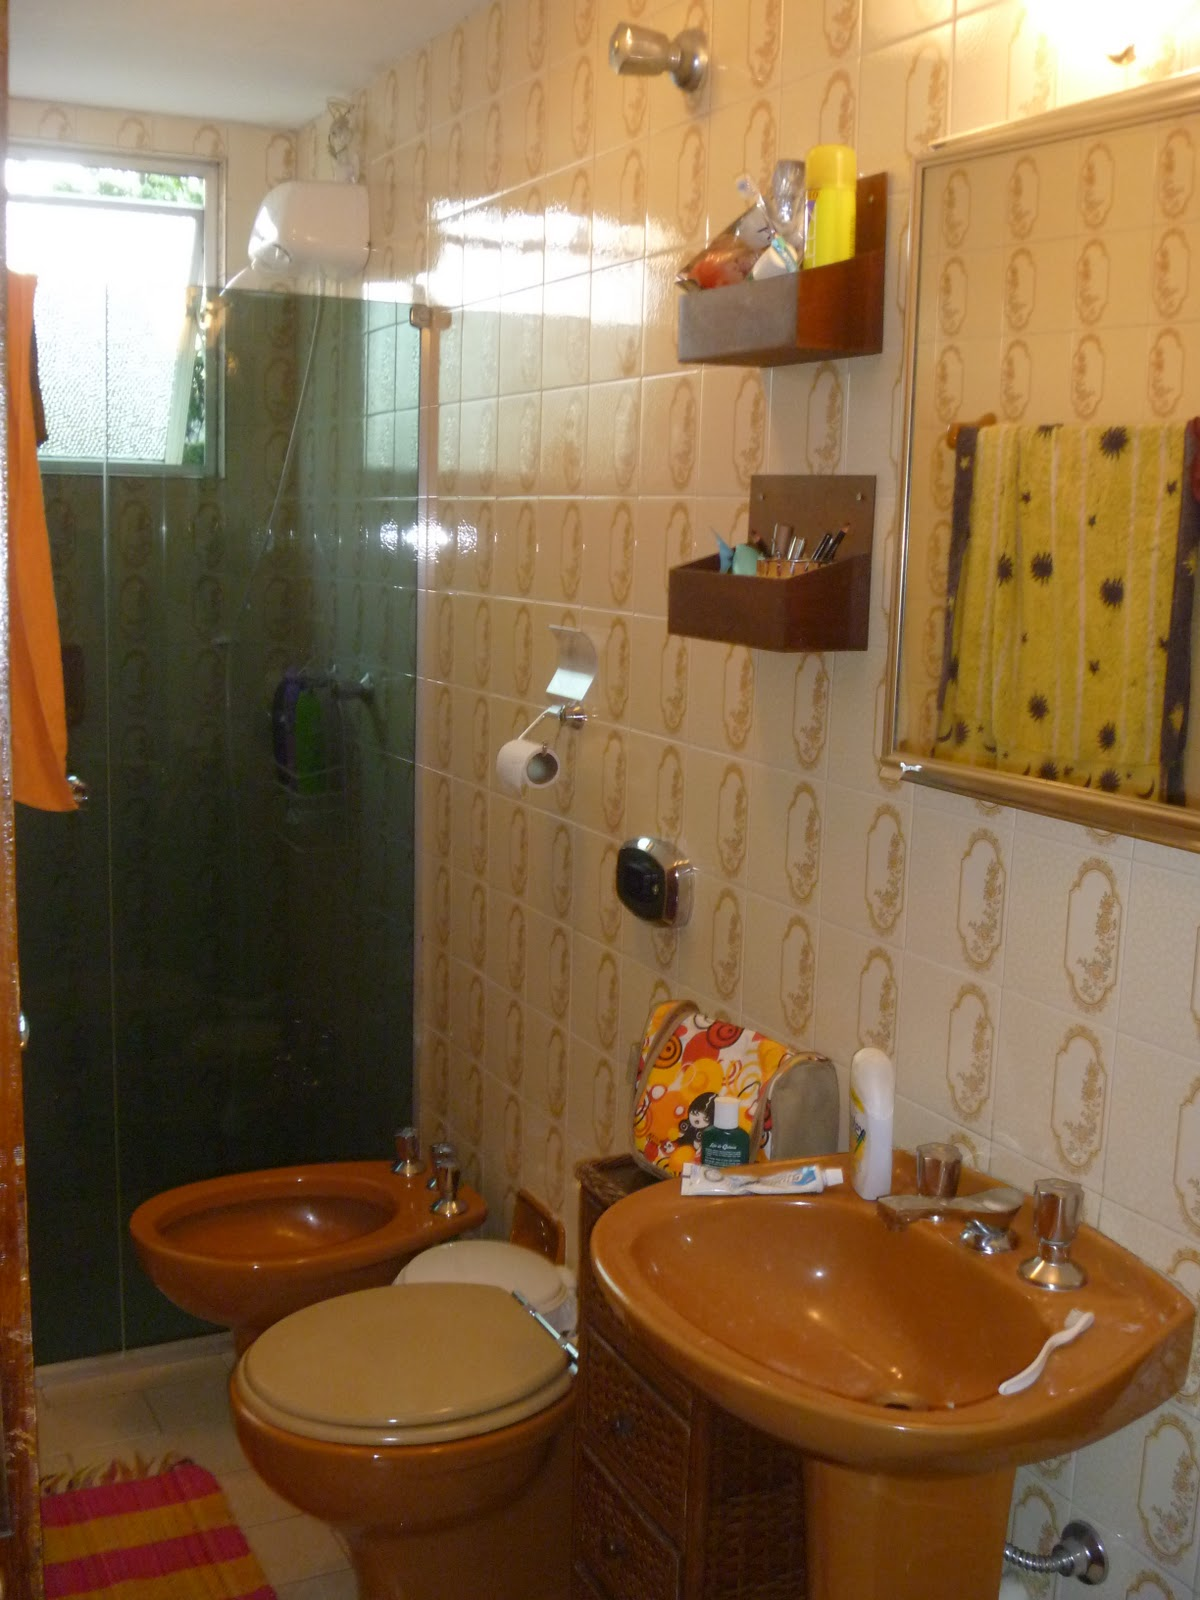 decoracao banheiro velho : decoracao banheiro velho:Arte e Decoração: Antes e depois (RP)